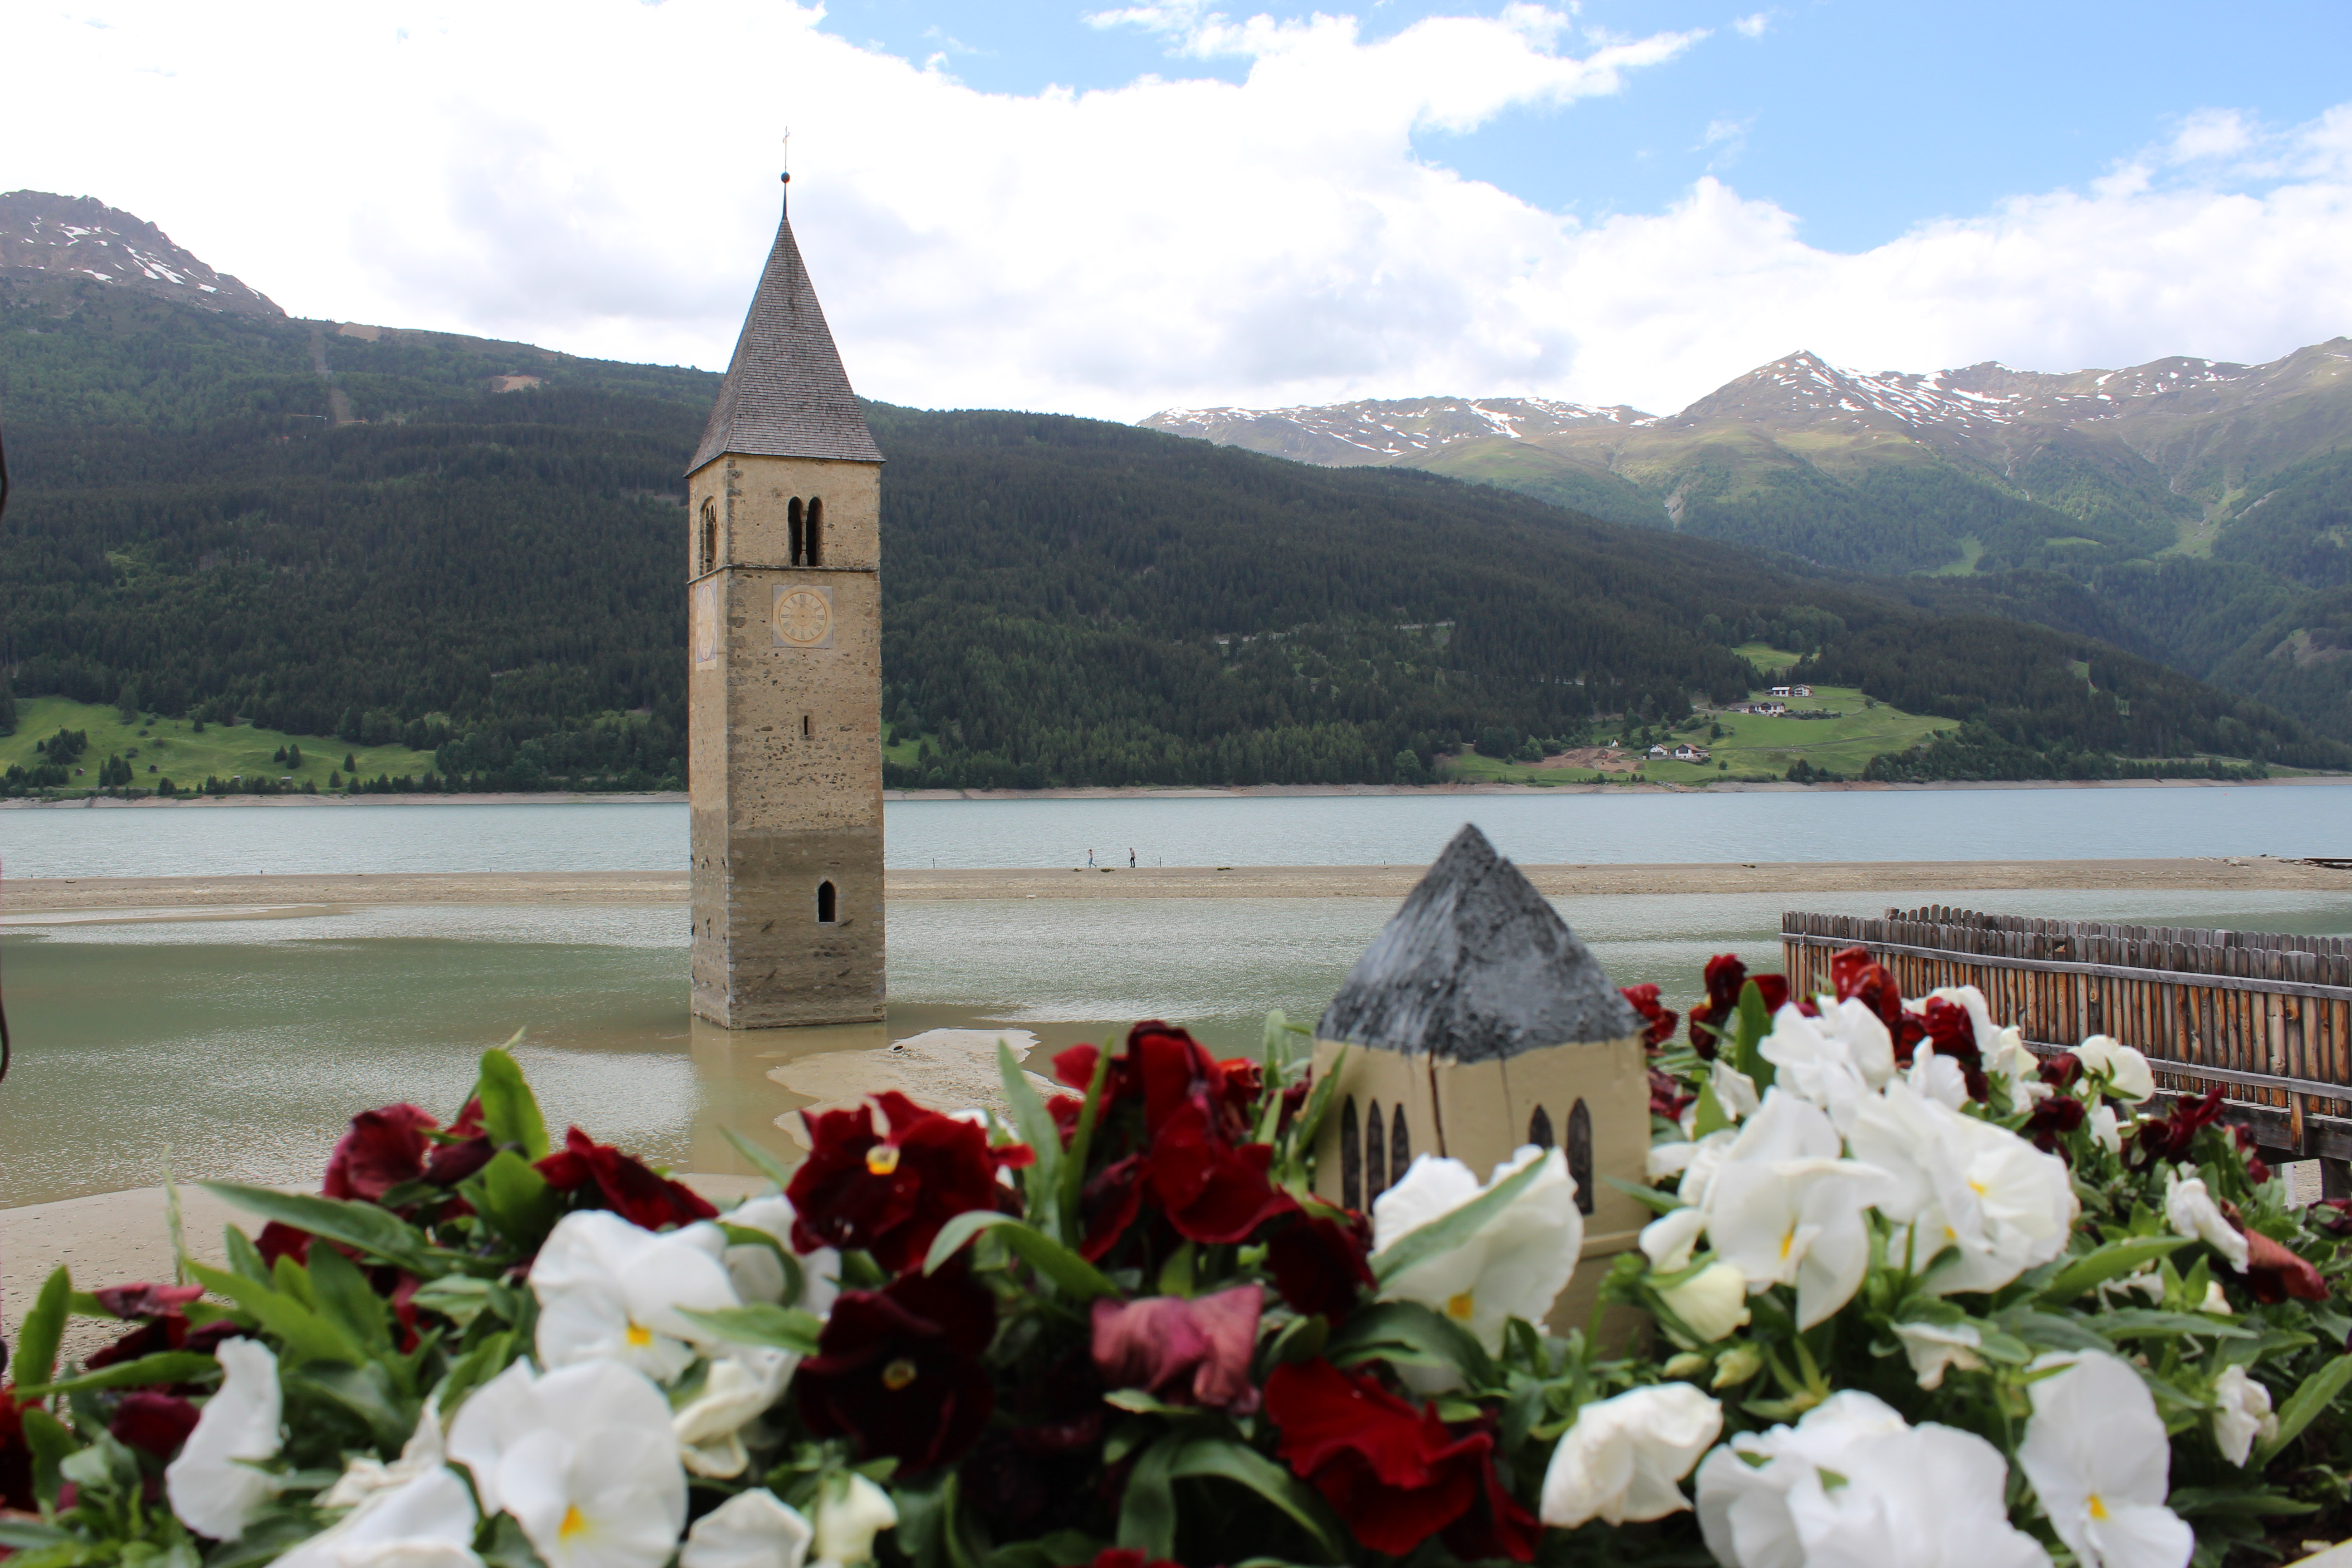 Adige Laghi Trentino 6 Alto Che Perdereädä Non Puoi Del DYW9IEH2